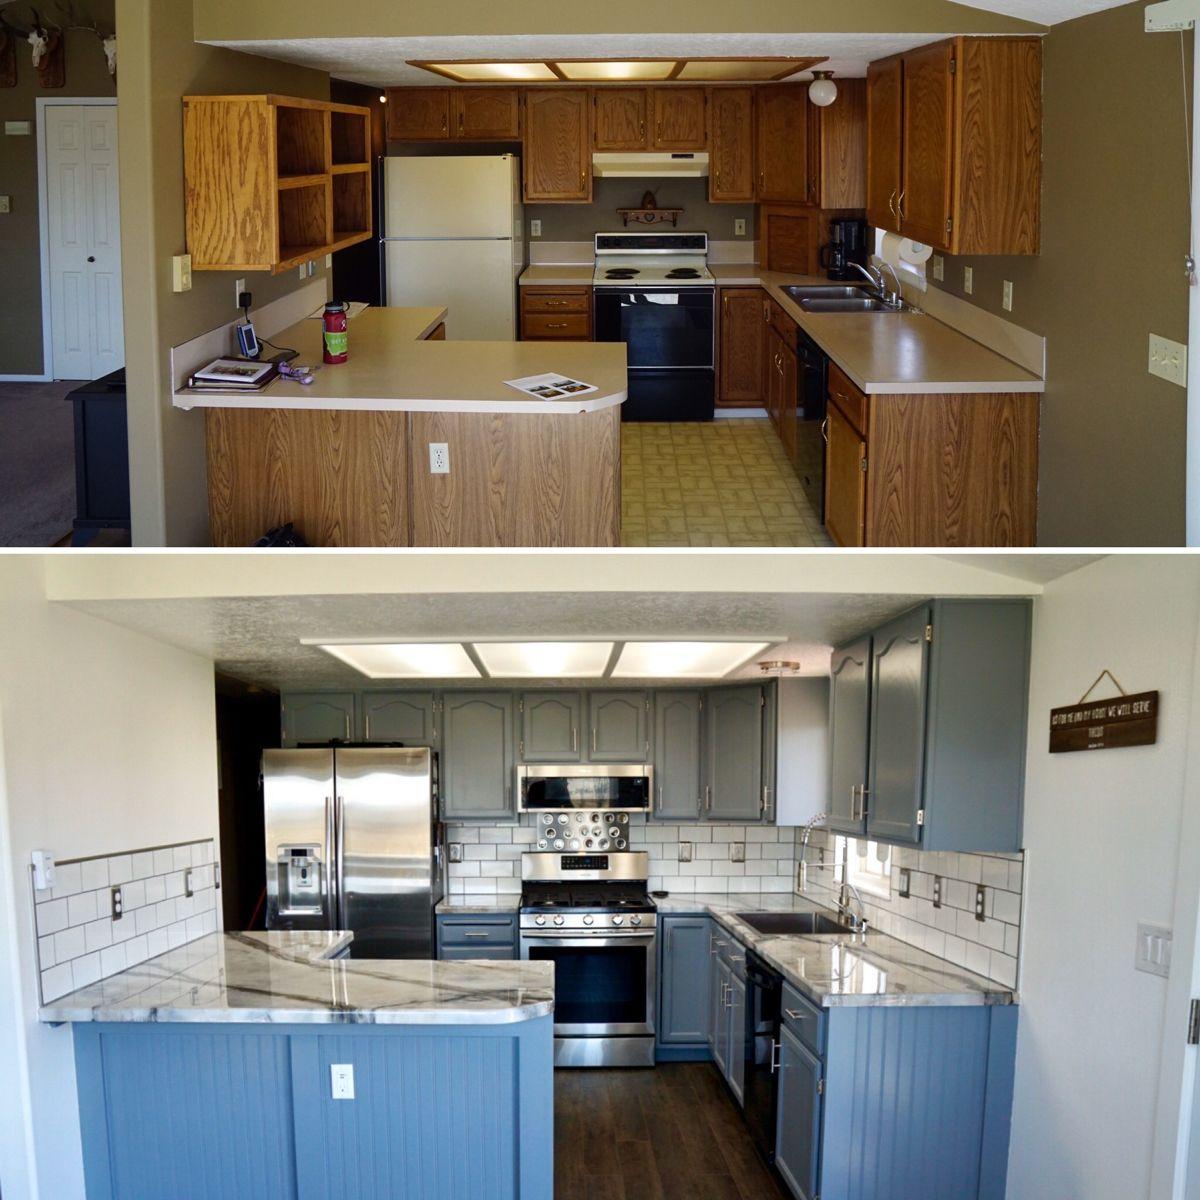 Diy Complete Kitchen Makeover In 2020 Kitchen Remodel Design Diy Kitchen Remodel Beadboard Kitchen